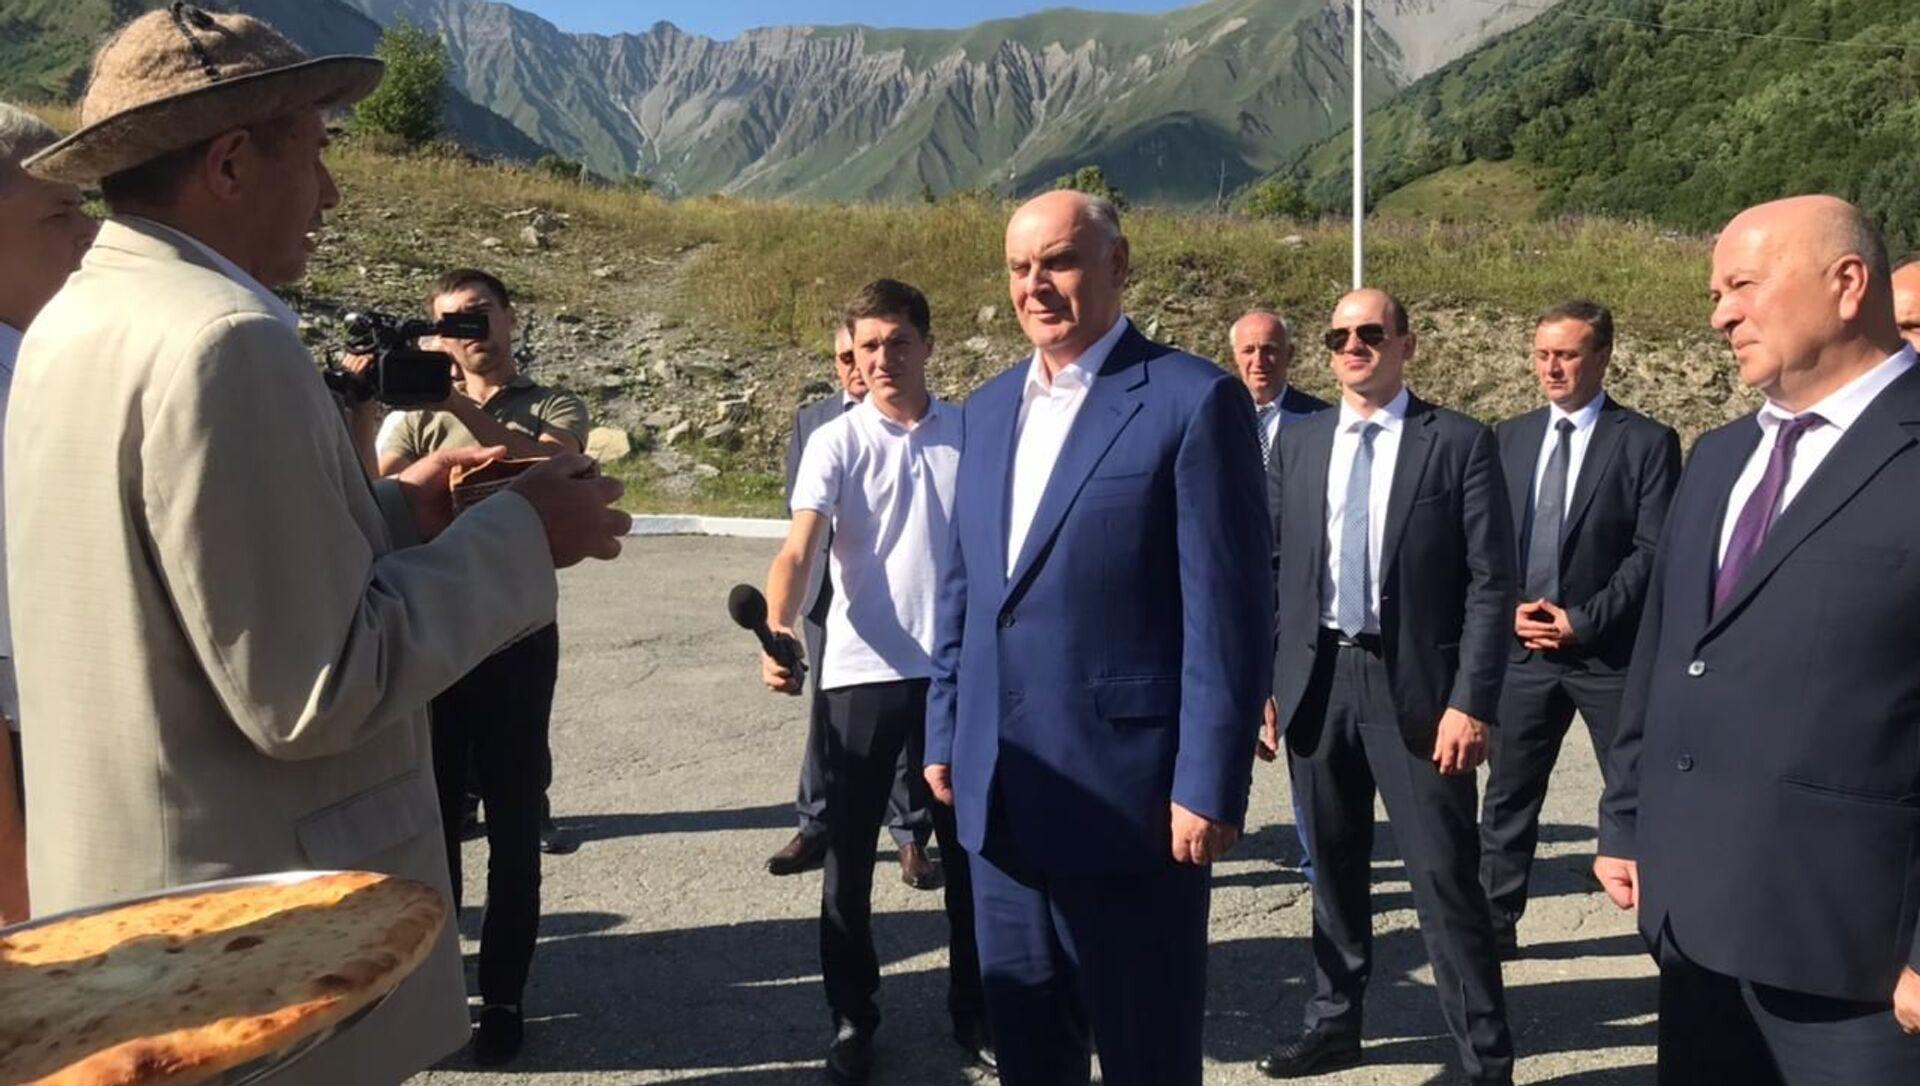 Делегация Абхазии во главе с президентом Асланом Бжания прибыла с трехдневным официальным визитом в Южную Осетию для участия в памятных мероприятиях, приуроченных к 13-й годовщине событий августа 2008 года. - Sputnik Аҧсны, 1920, 06.08.2021